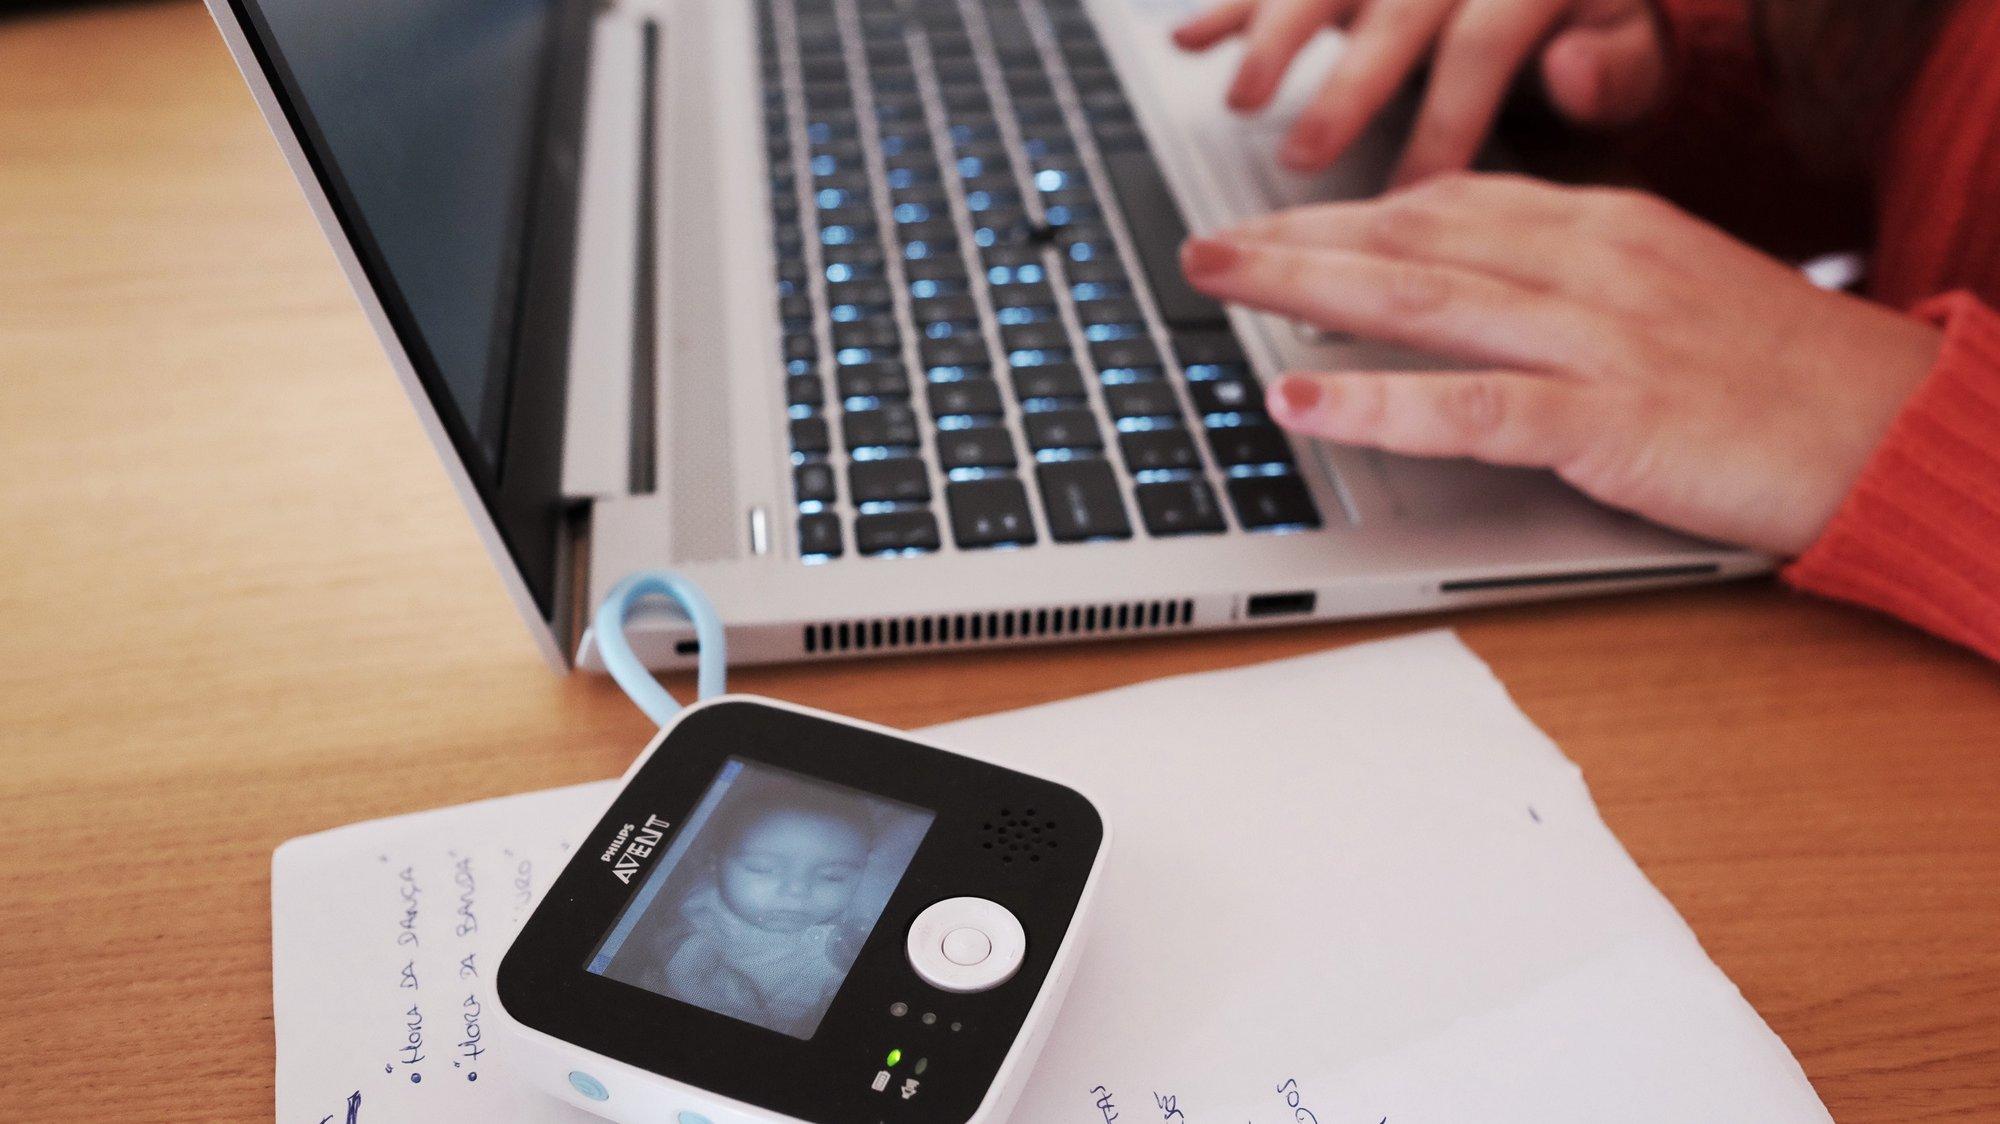 Uma mulher trabalha em casa como seu computador, enquanto monitoriza com um intercomunicador o seu bebé a dormir, no Estoril, 16 de março de 2020. JOSÉ SENA GOULÃO/LUSA